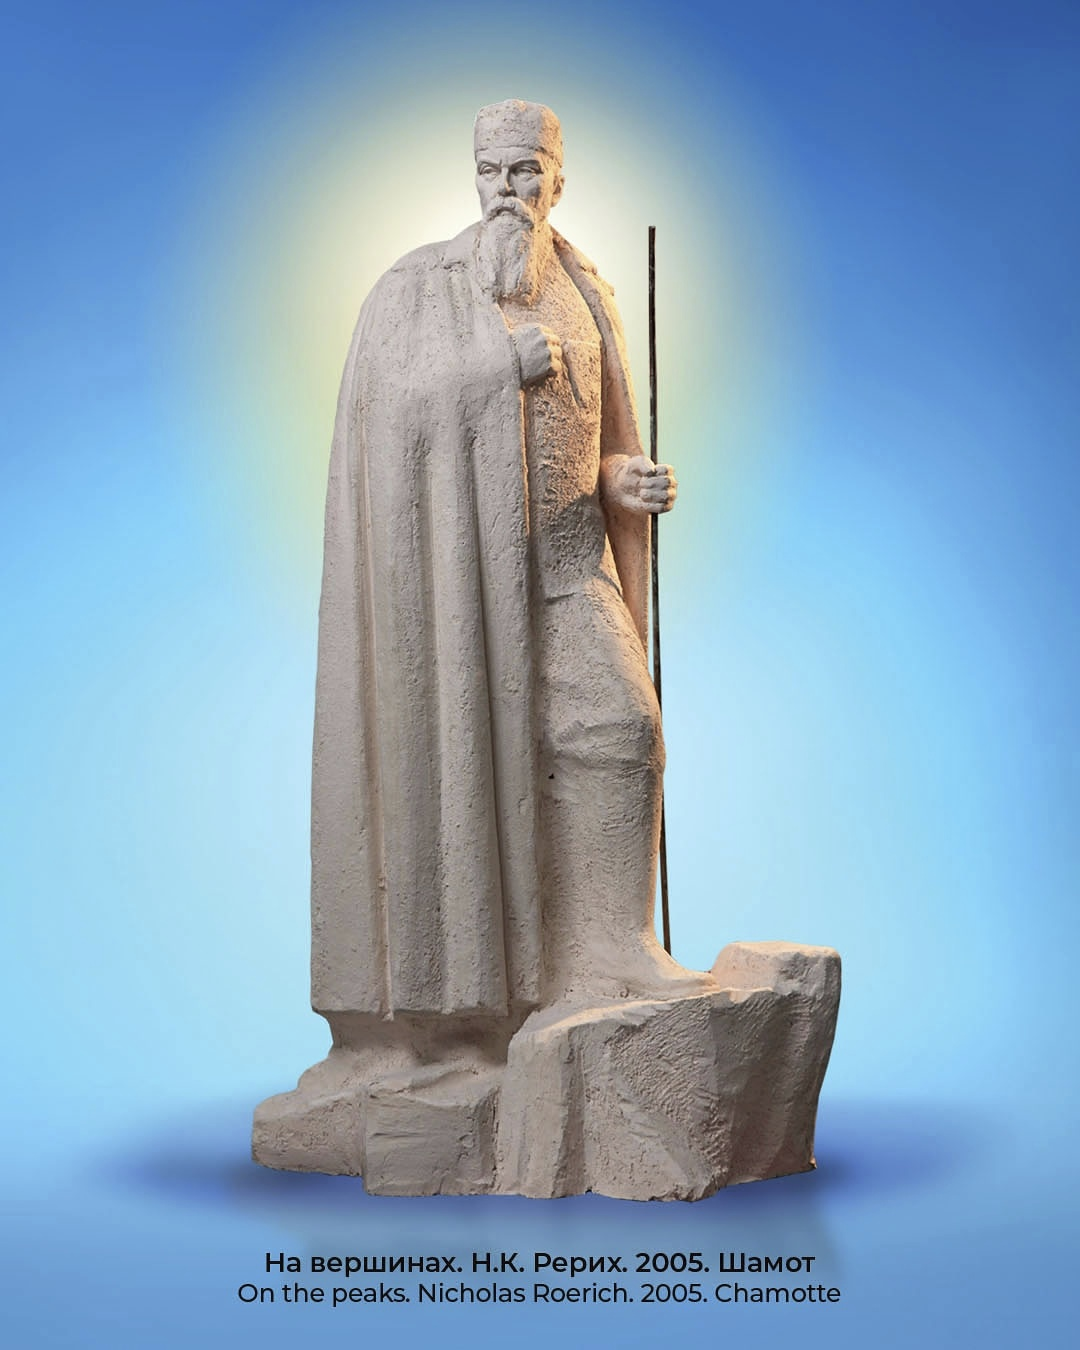 On the peaks. N.K. Roerich. 2005. - img 20191213 132351 489